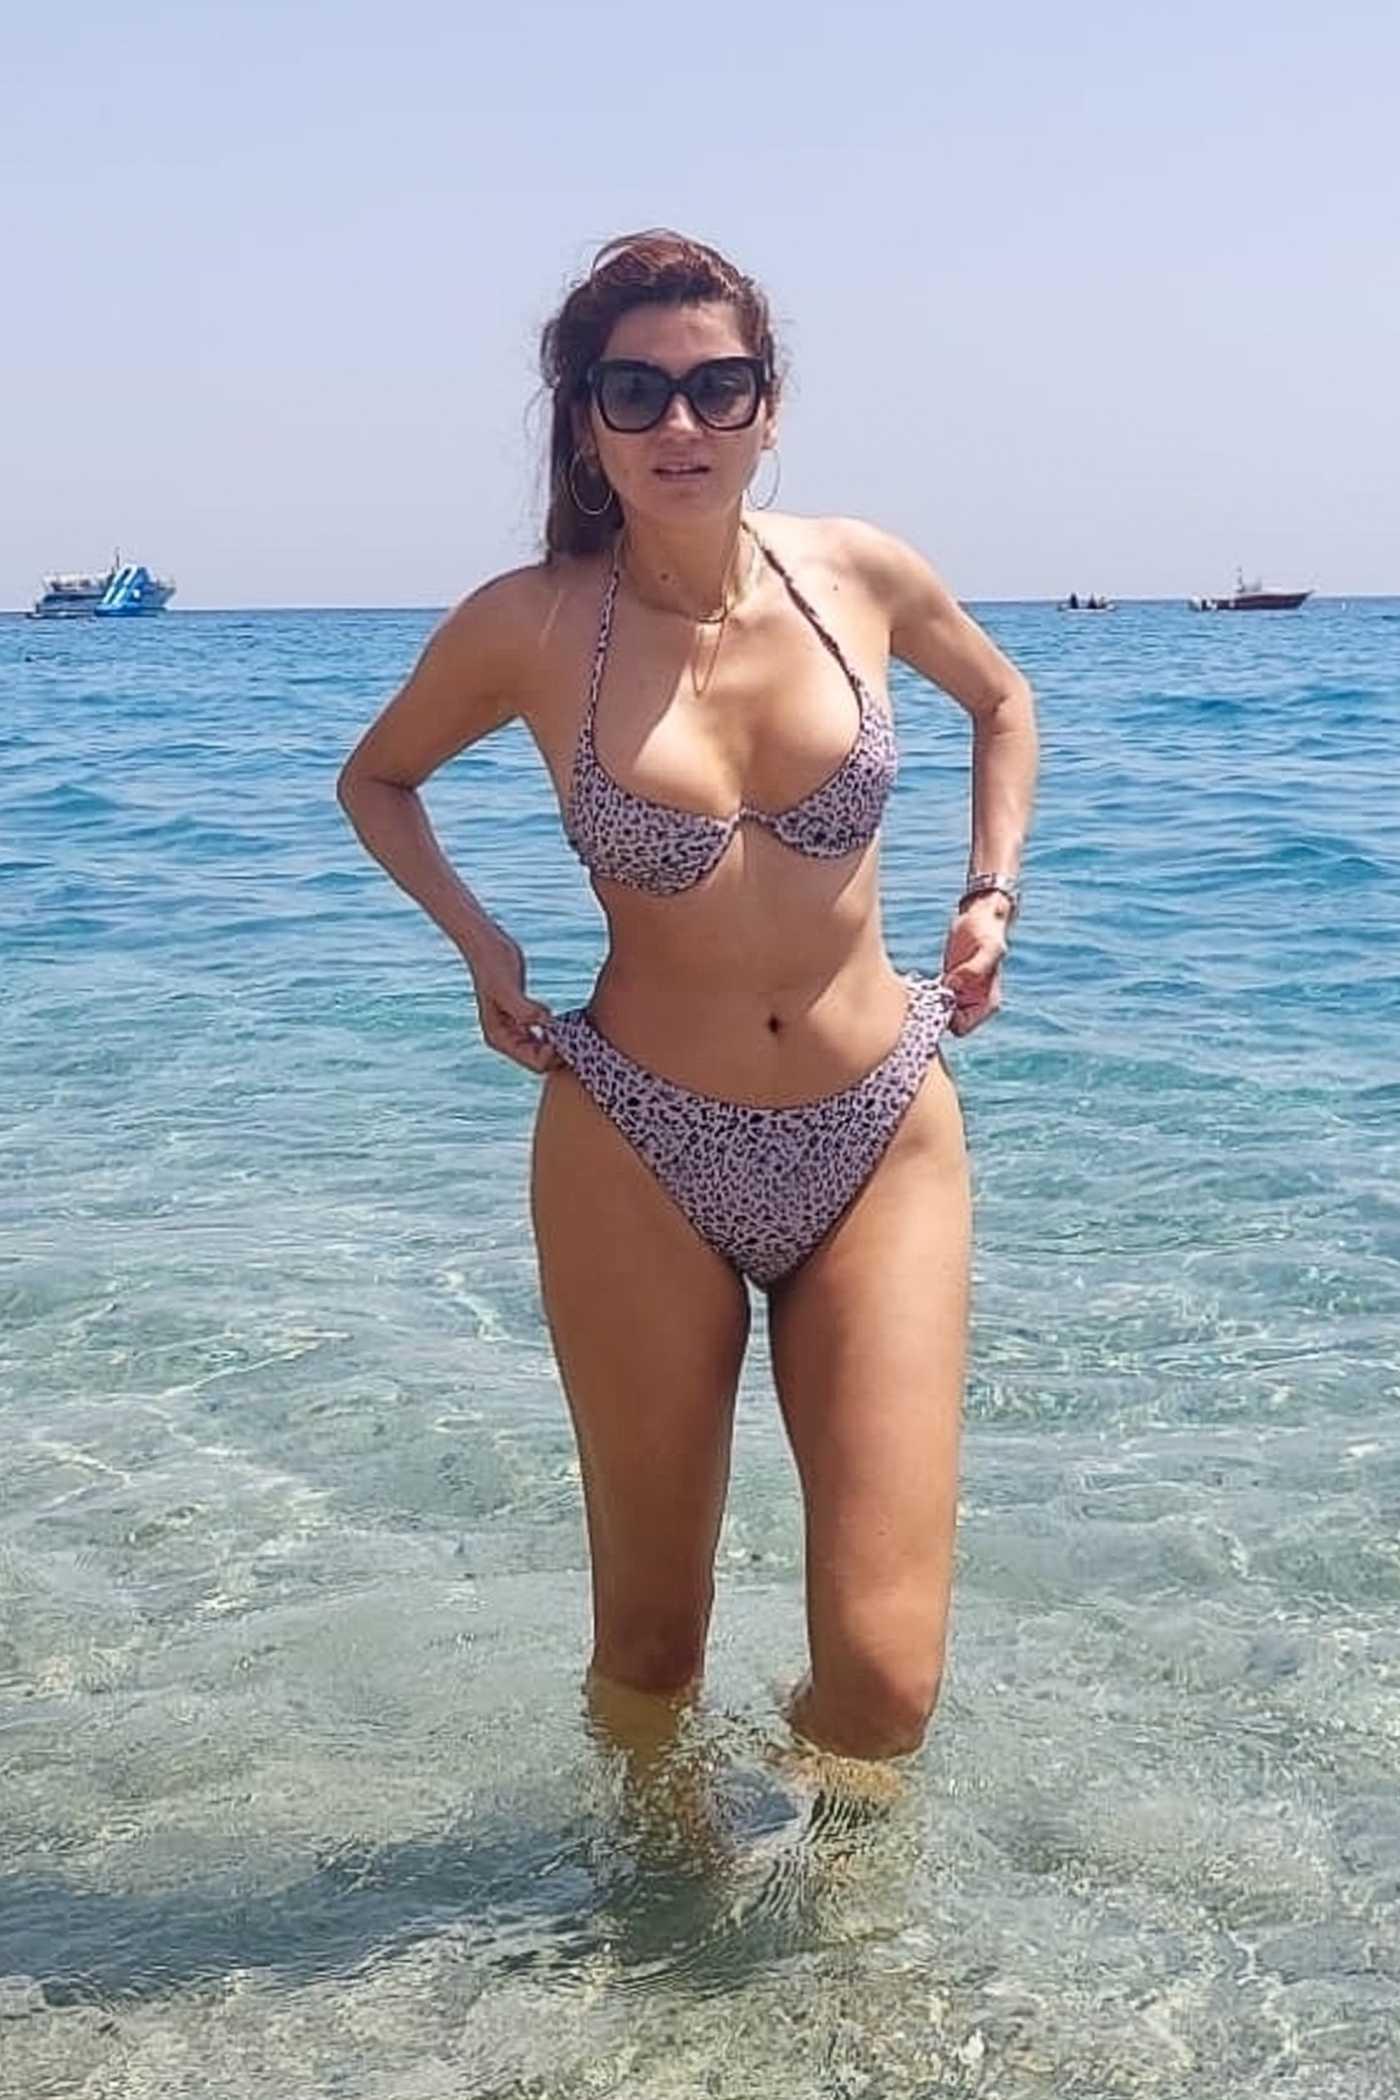 Blanca Blanco in an Animal Print Bikini on the Beach in Cantazaro, Italy 07/31/2021